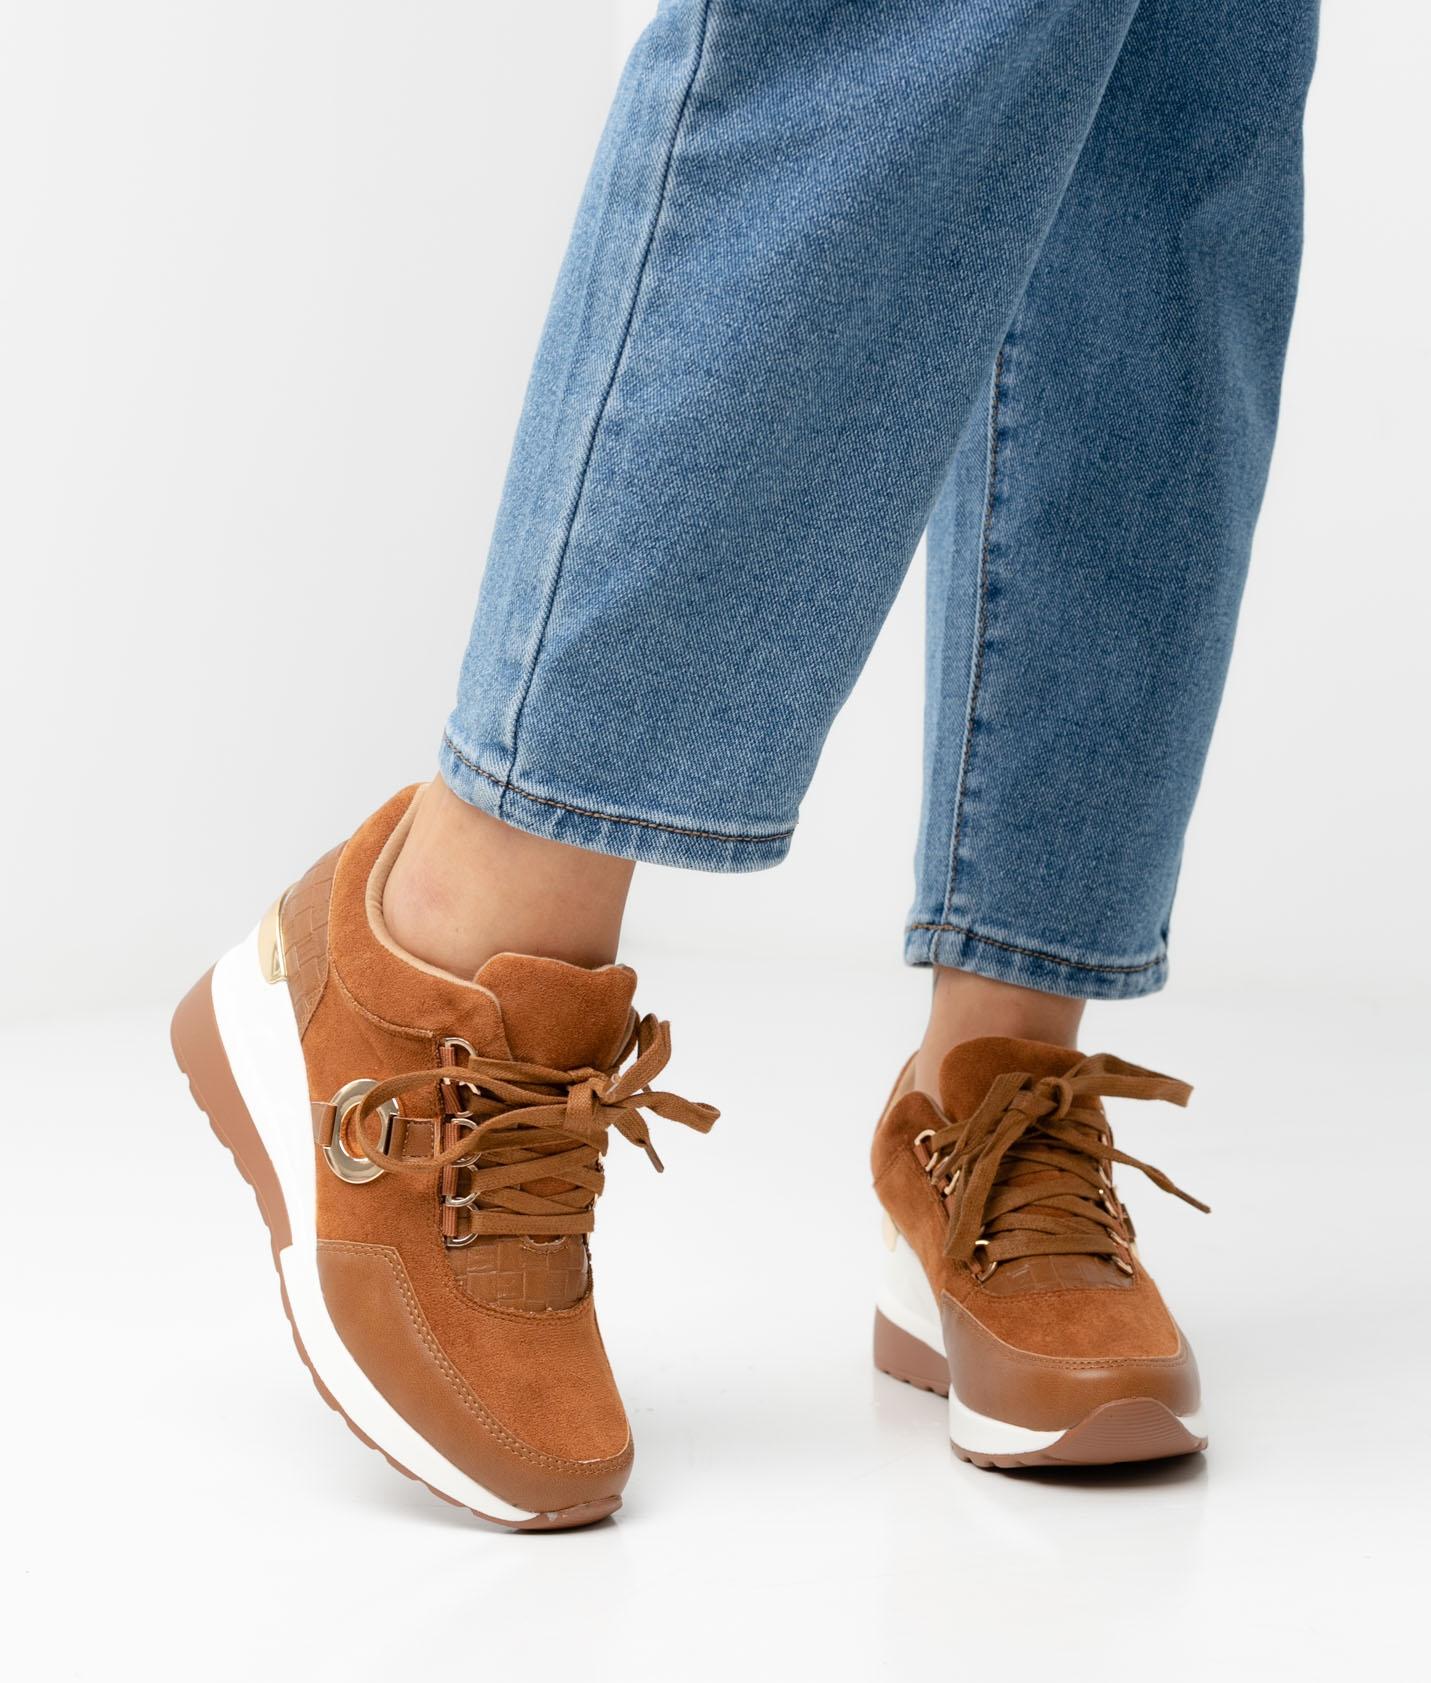 Sneakers BRANDI - CAMEL